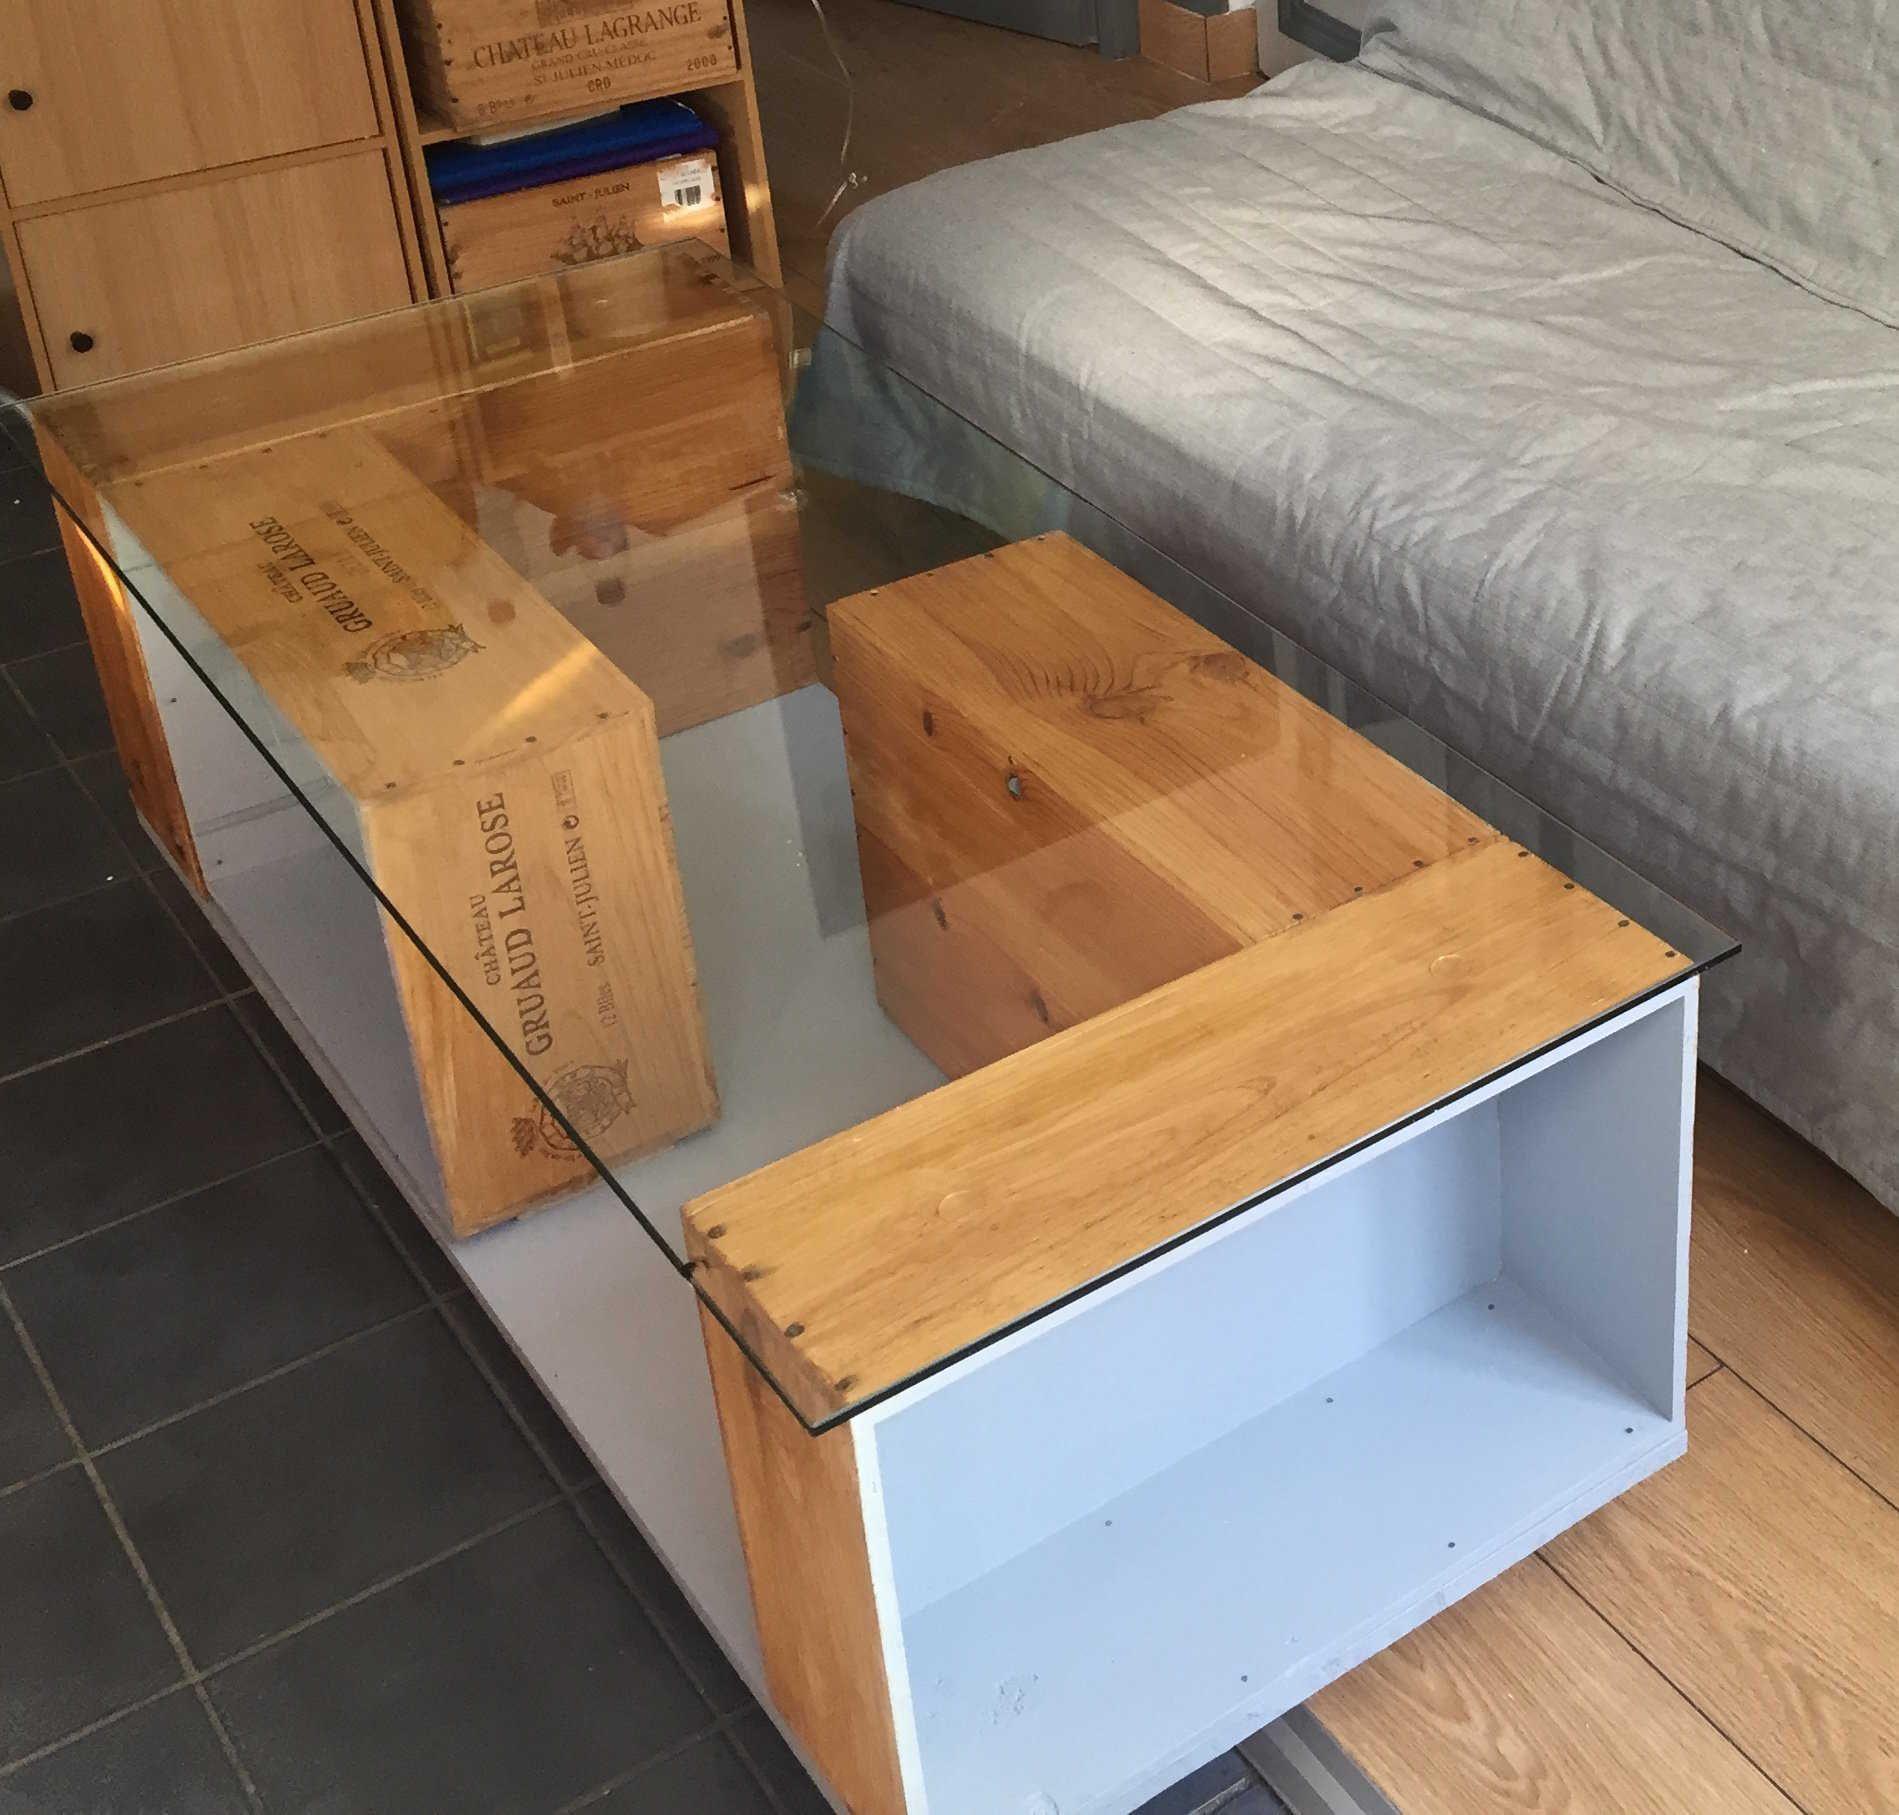 Luxus Table Basse Caisse Vin Id Es De Conception De Table Basse # Table Basse Recup